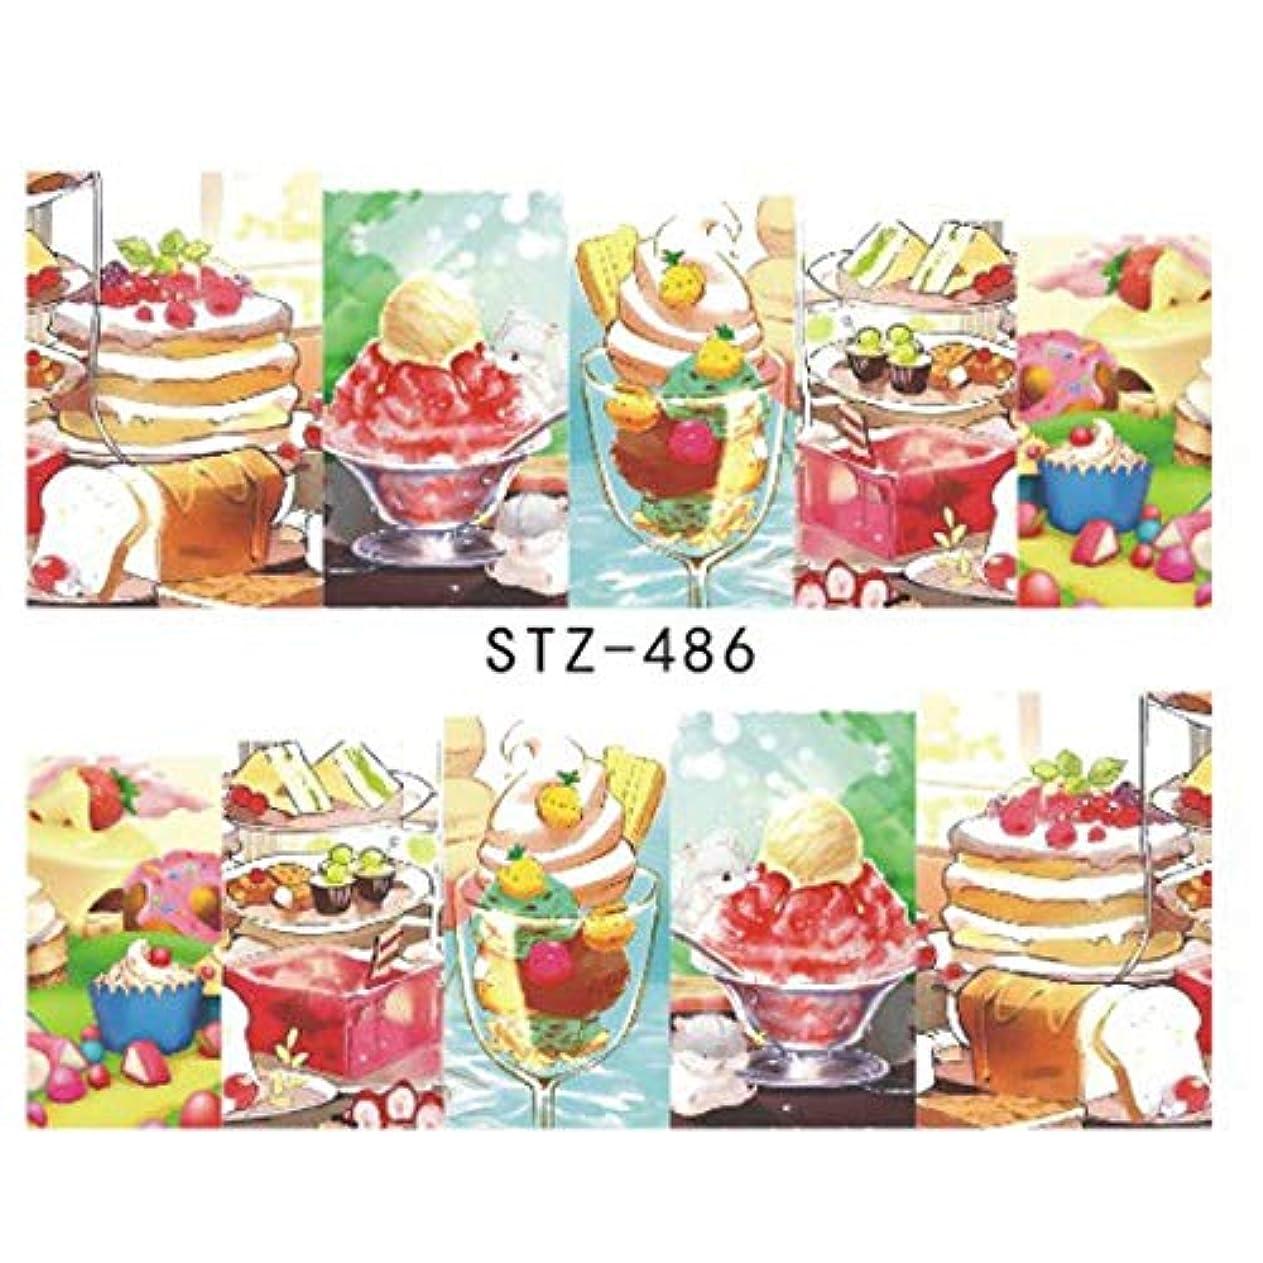 効率無限大ぞっとするようなSUKTI&XIAO ネイルステッカー 1シートおいしいケーキクールドリンクアイスクリームスライダーネイルアート水デカールステッカー用ネイルアートタトゥー装飾マニキュア、Stz486